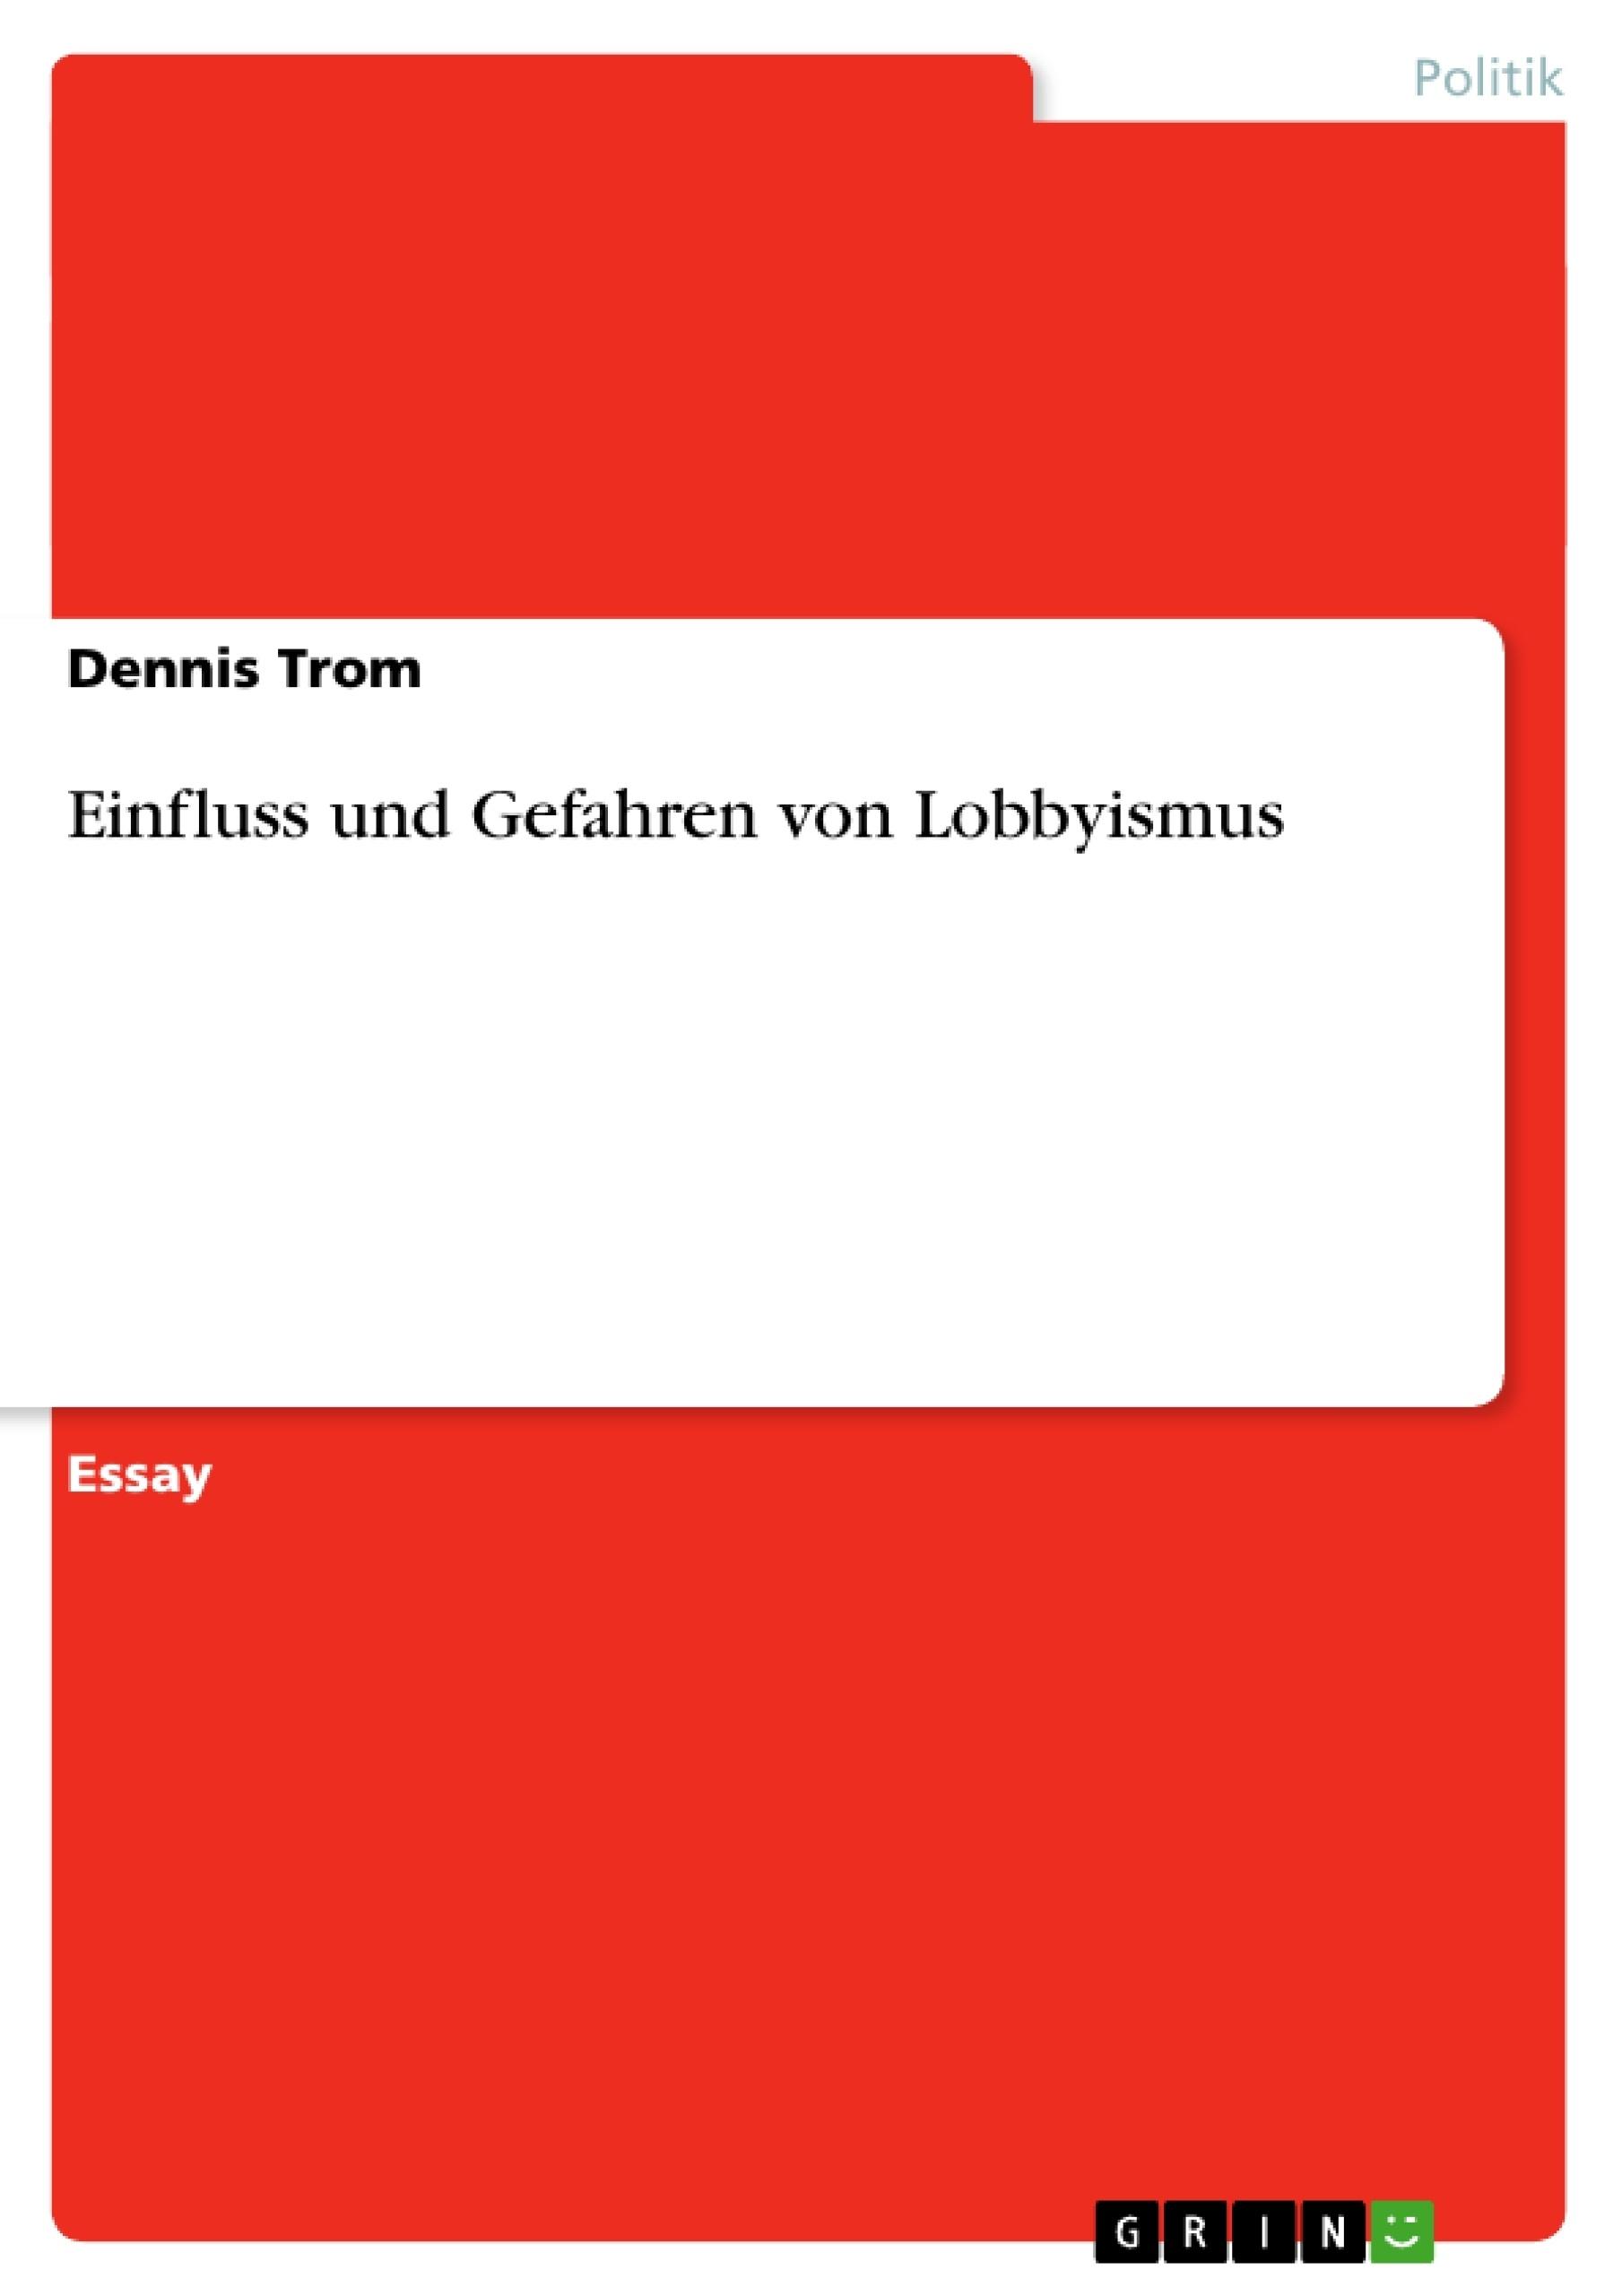 Titel: Einfluss und Gefahren von Lobbyismus